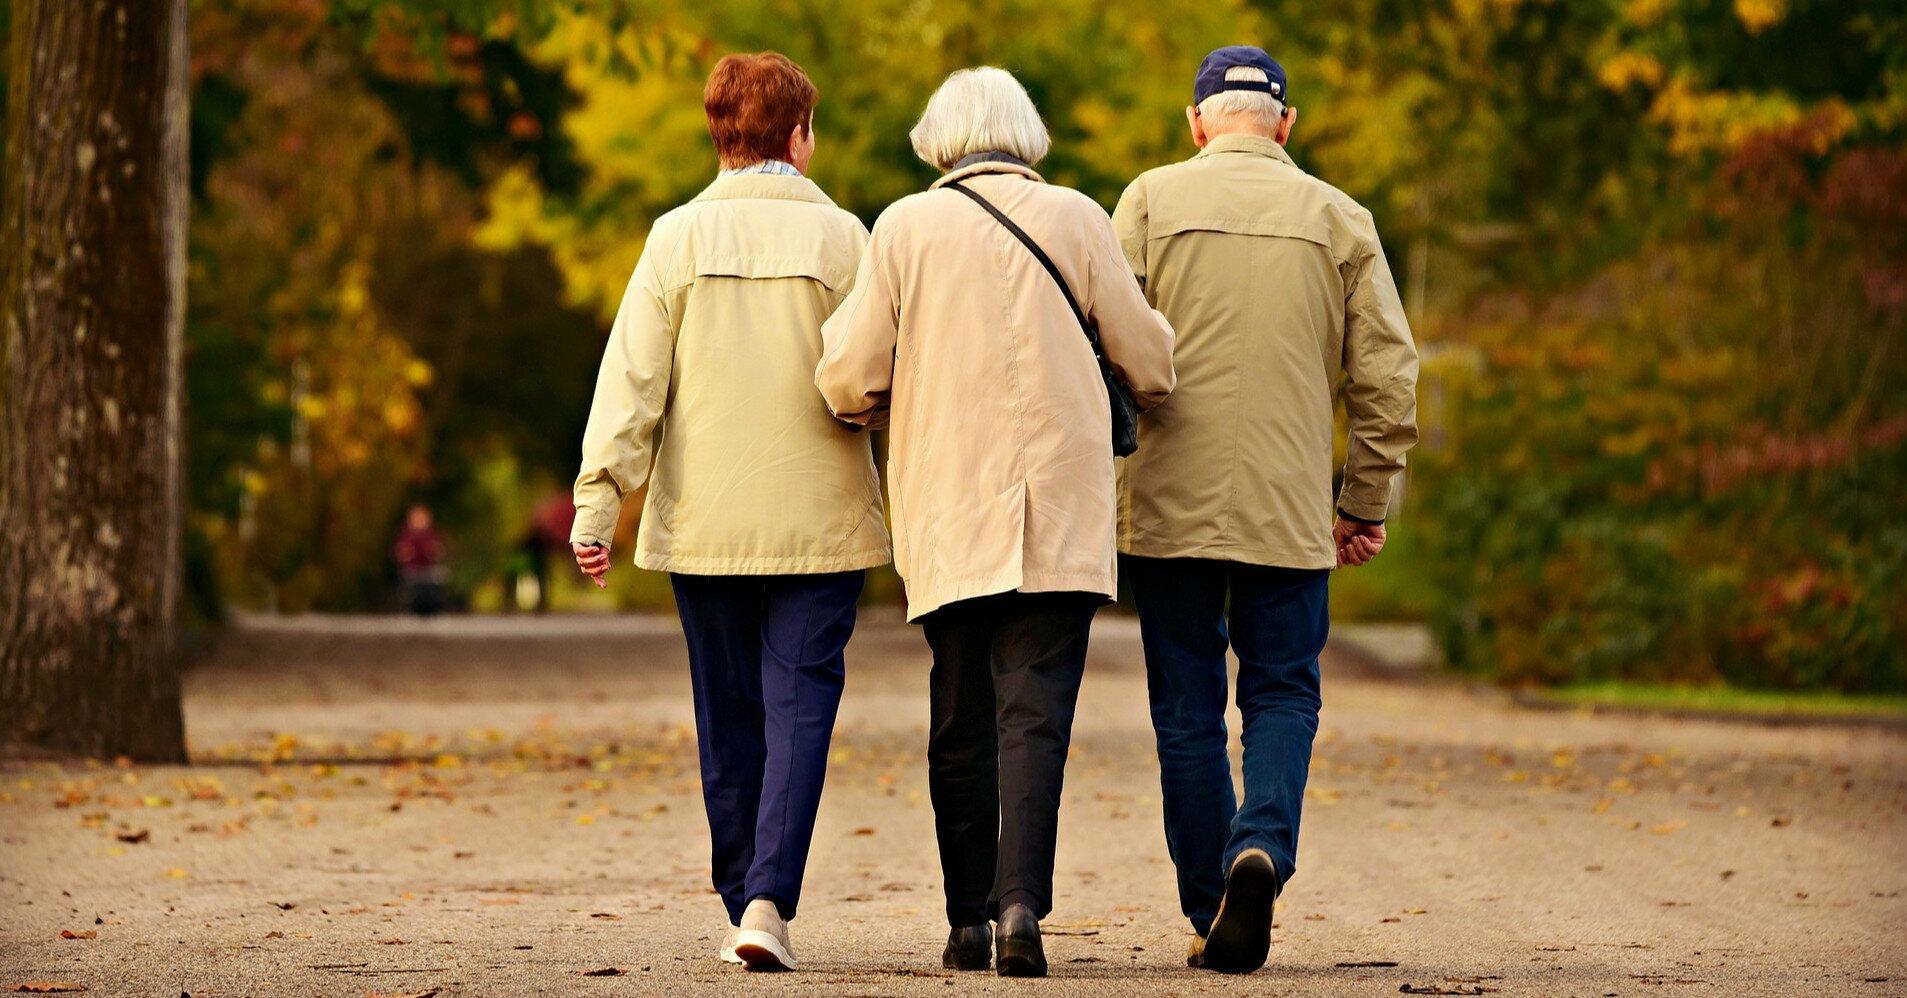 Введение накопительной пенсии: что будет с налогами